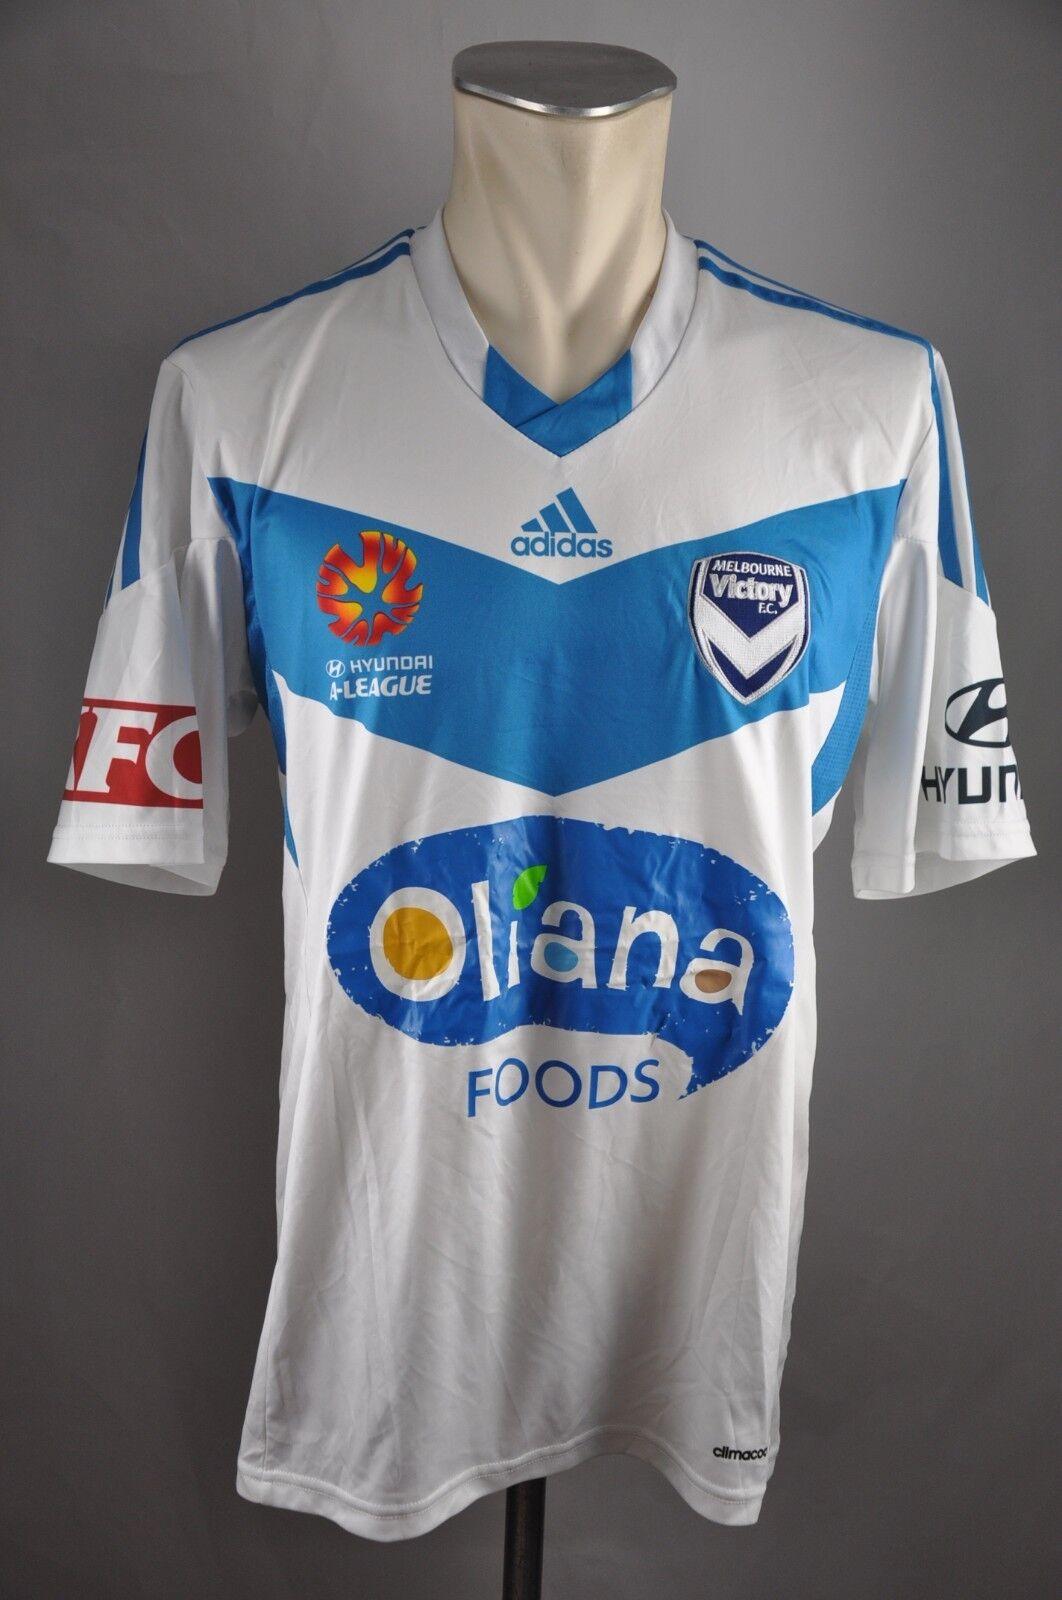 Melbourne Victory FC Trikot A-League Gr. L Australien jersey Adidas 2014-15